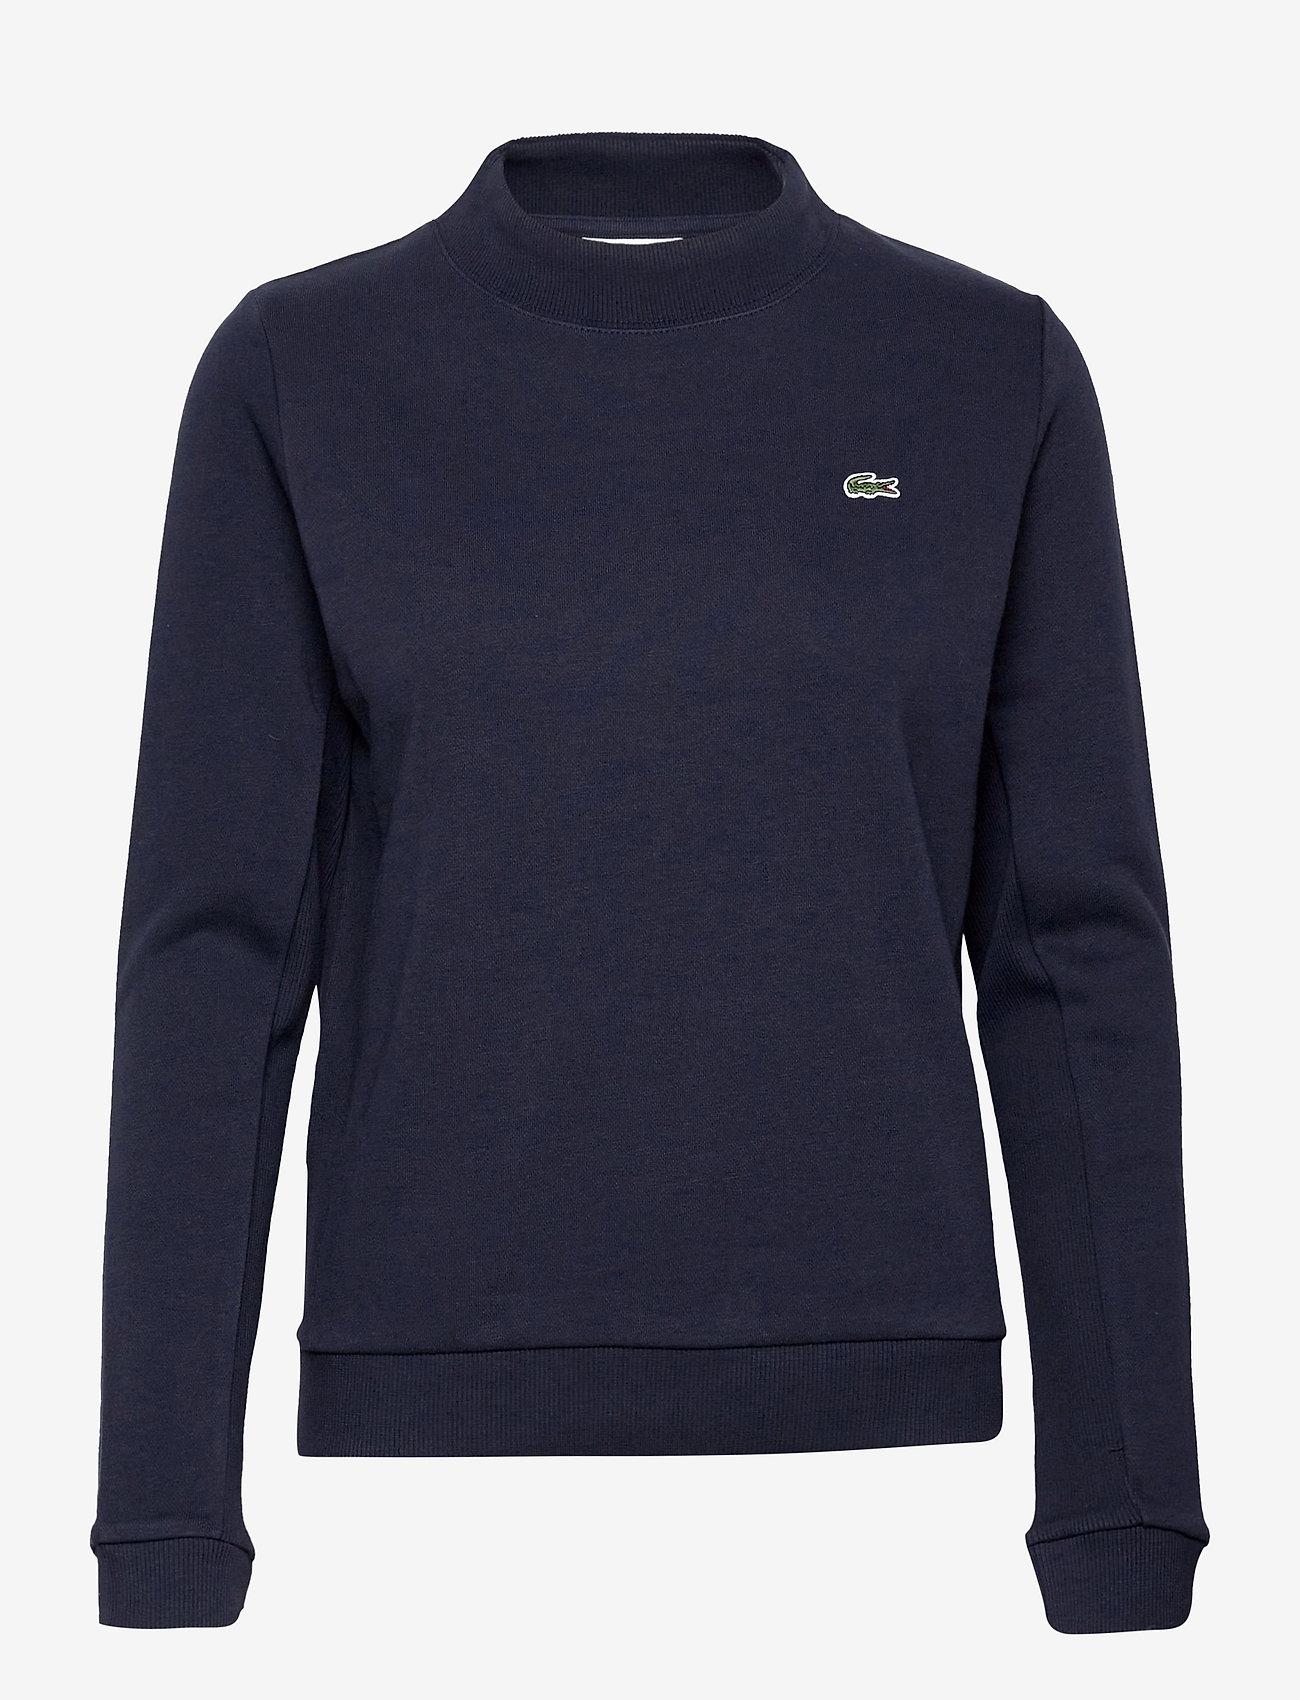 Lacoste - Women s sweatshirt - sweatshirts - navy blue - 0